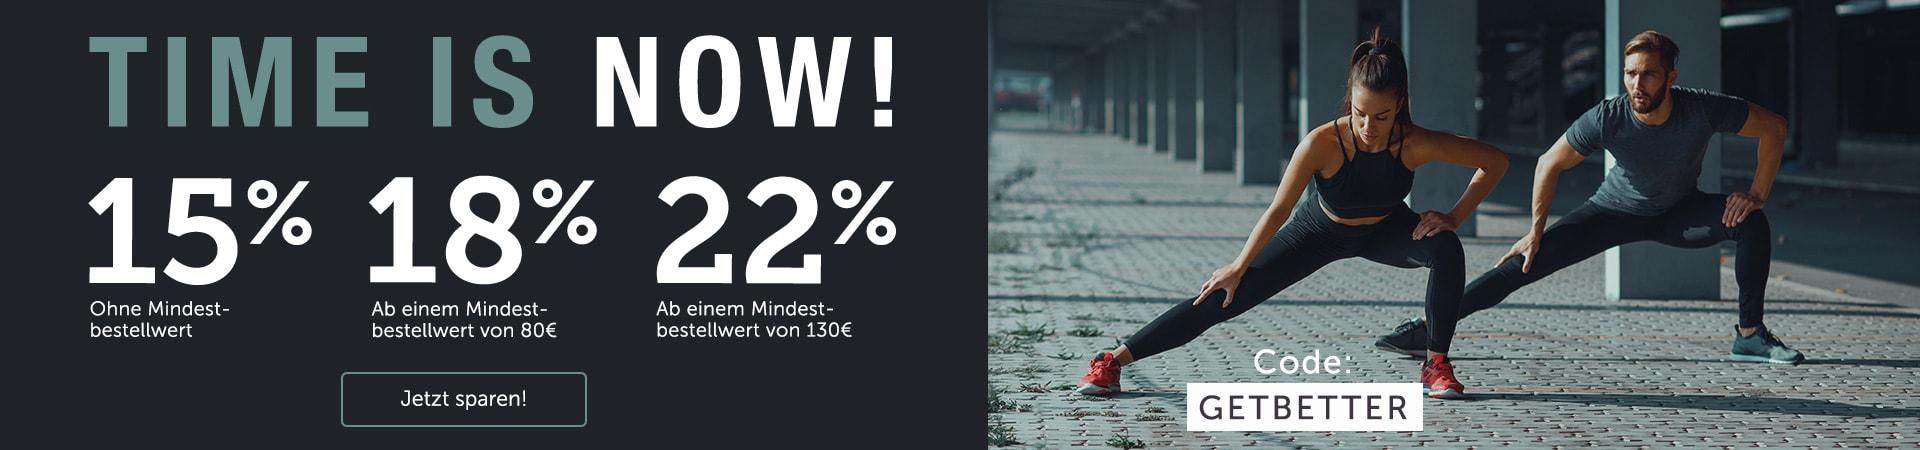 Es wird nicht leichter, DU wirst besser! Sichere dir jetzt bis zu 22% Motivationsrabatt!